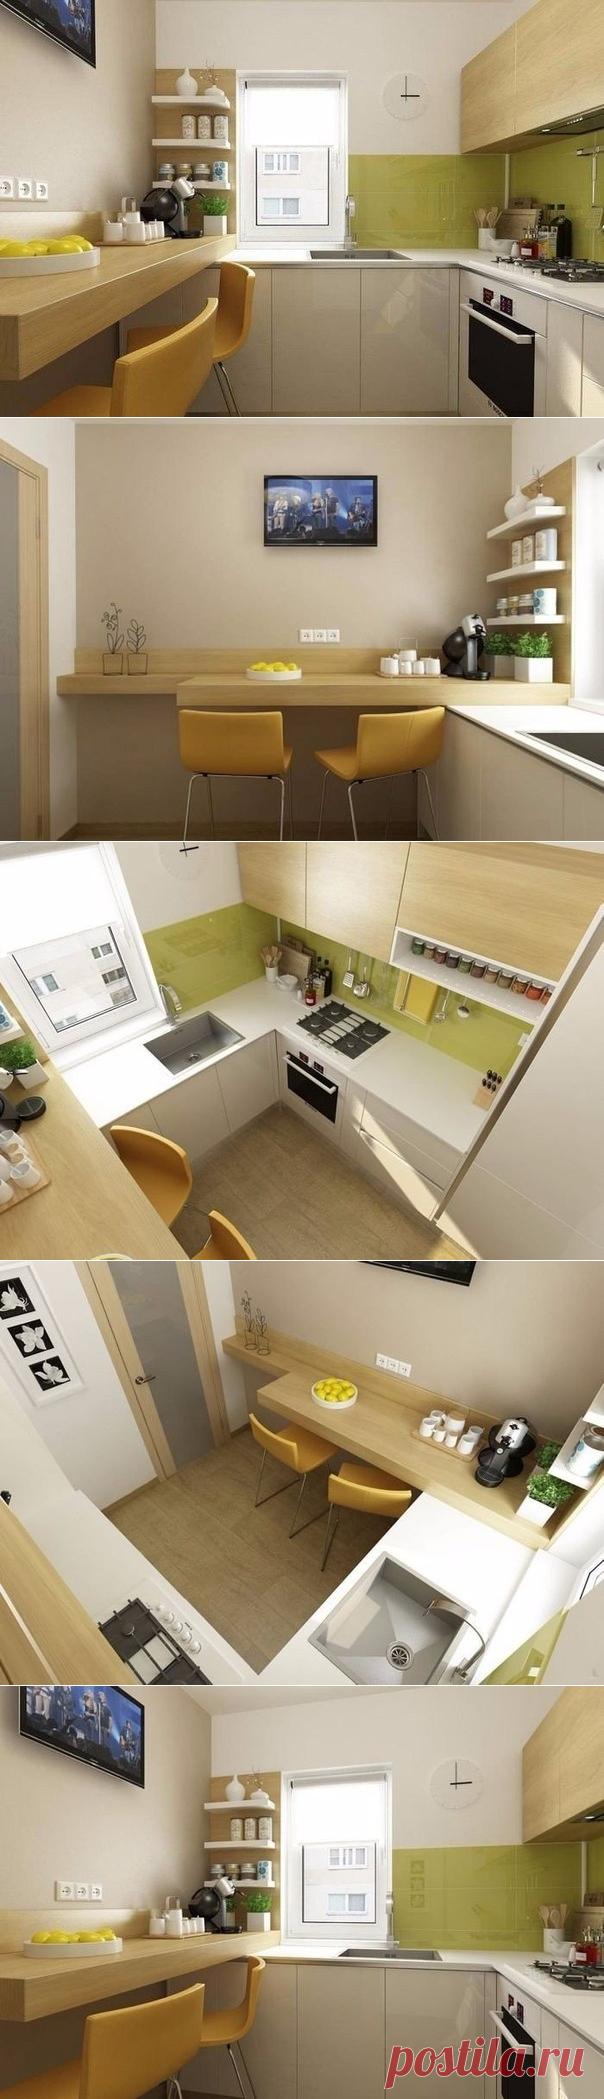 Как оформить маленькую кухню: 6 квадратных метров в Бухаресте - Дизайн интерьеров | Идеи вашего дома | Lodgers